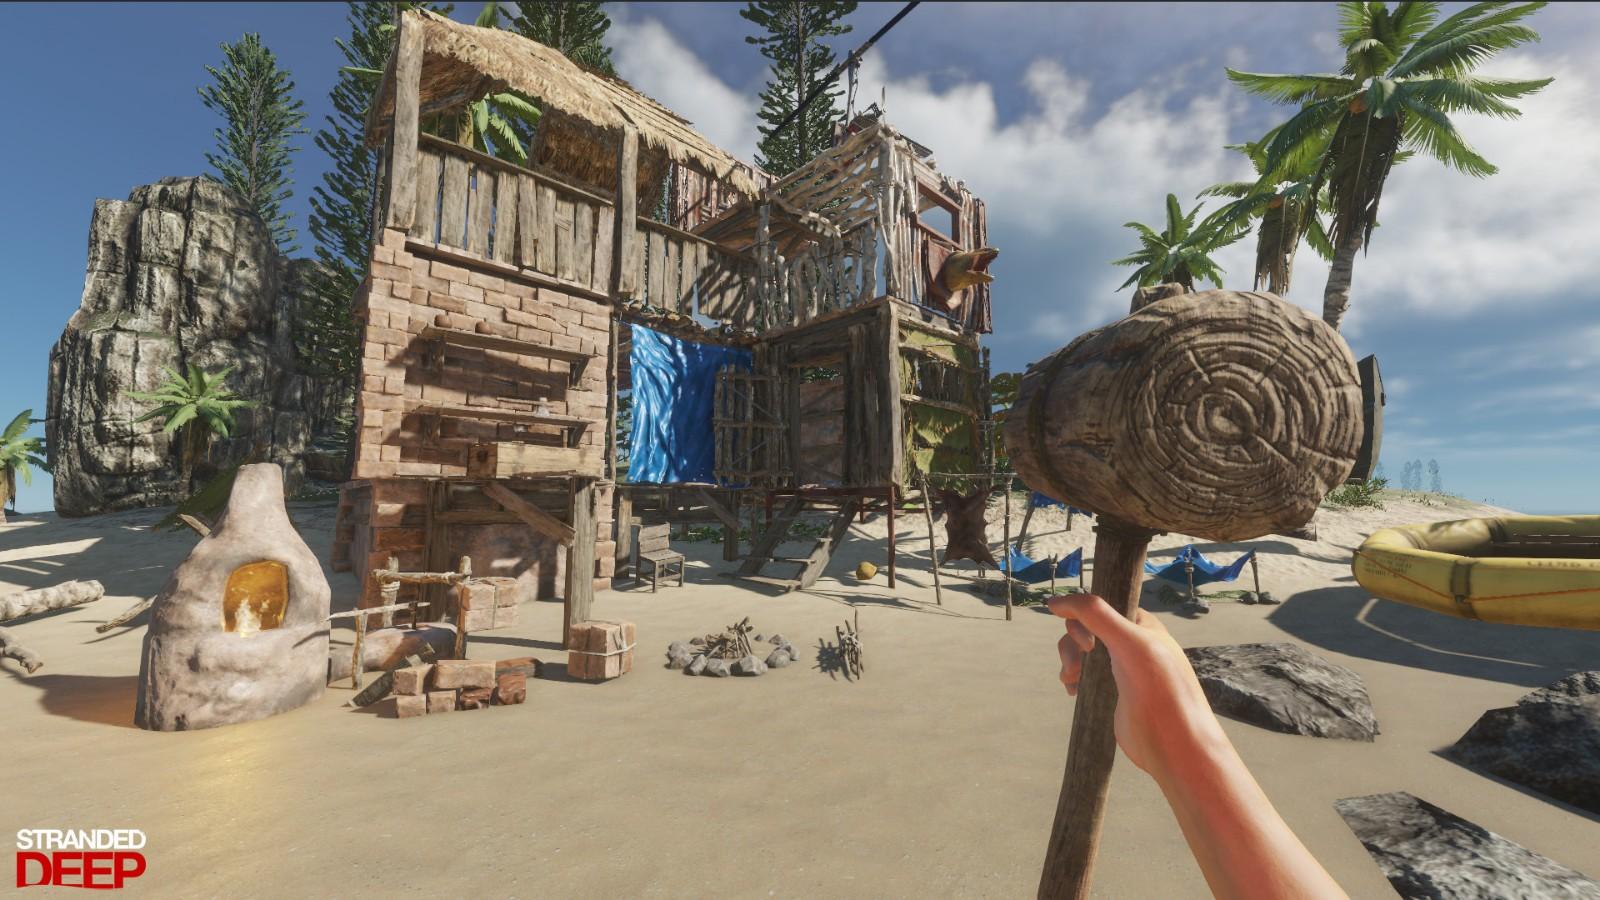 stred deep荒岛求生-租金最低-到时不下线 想玩其他游戏